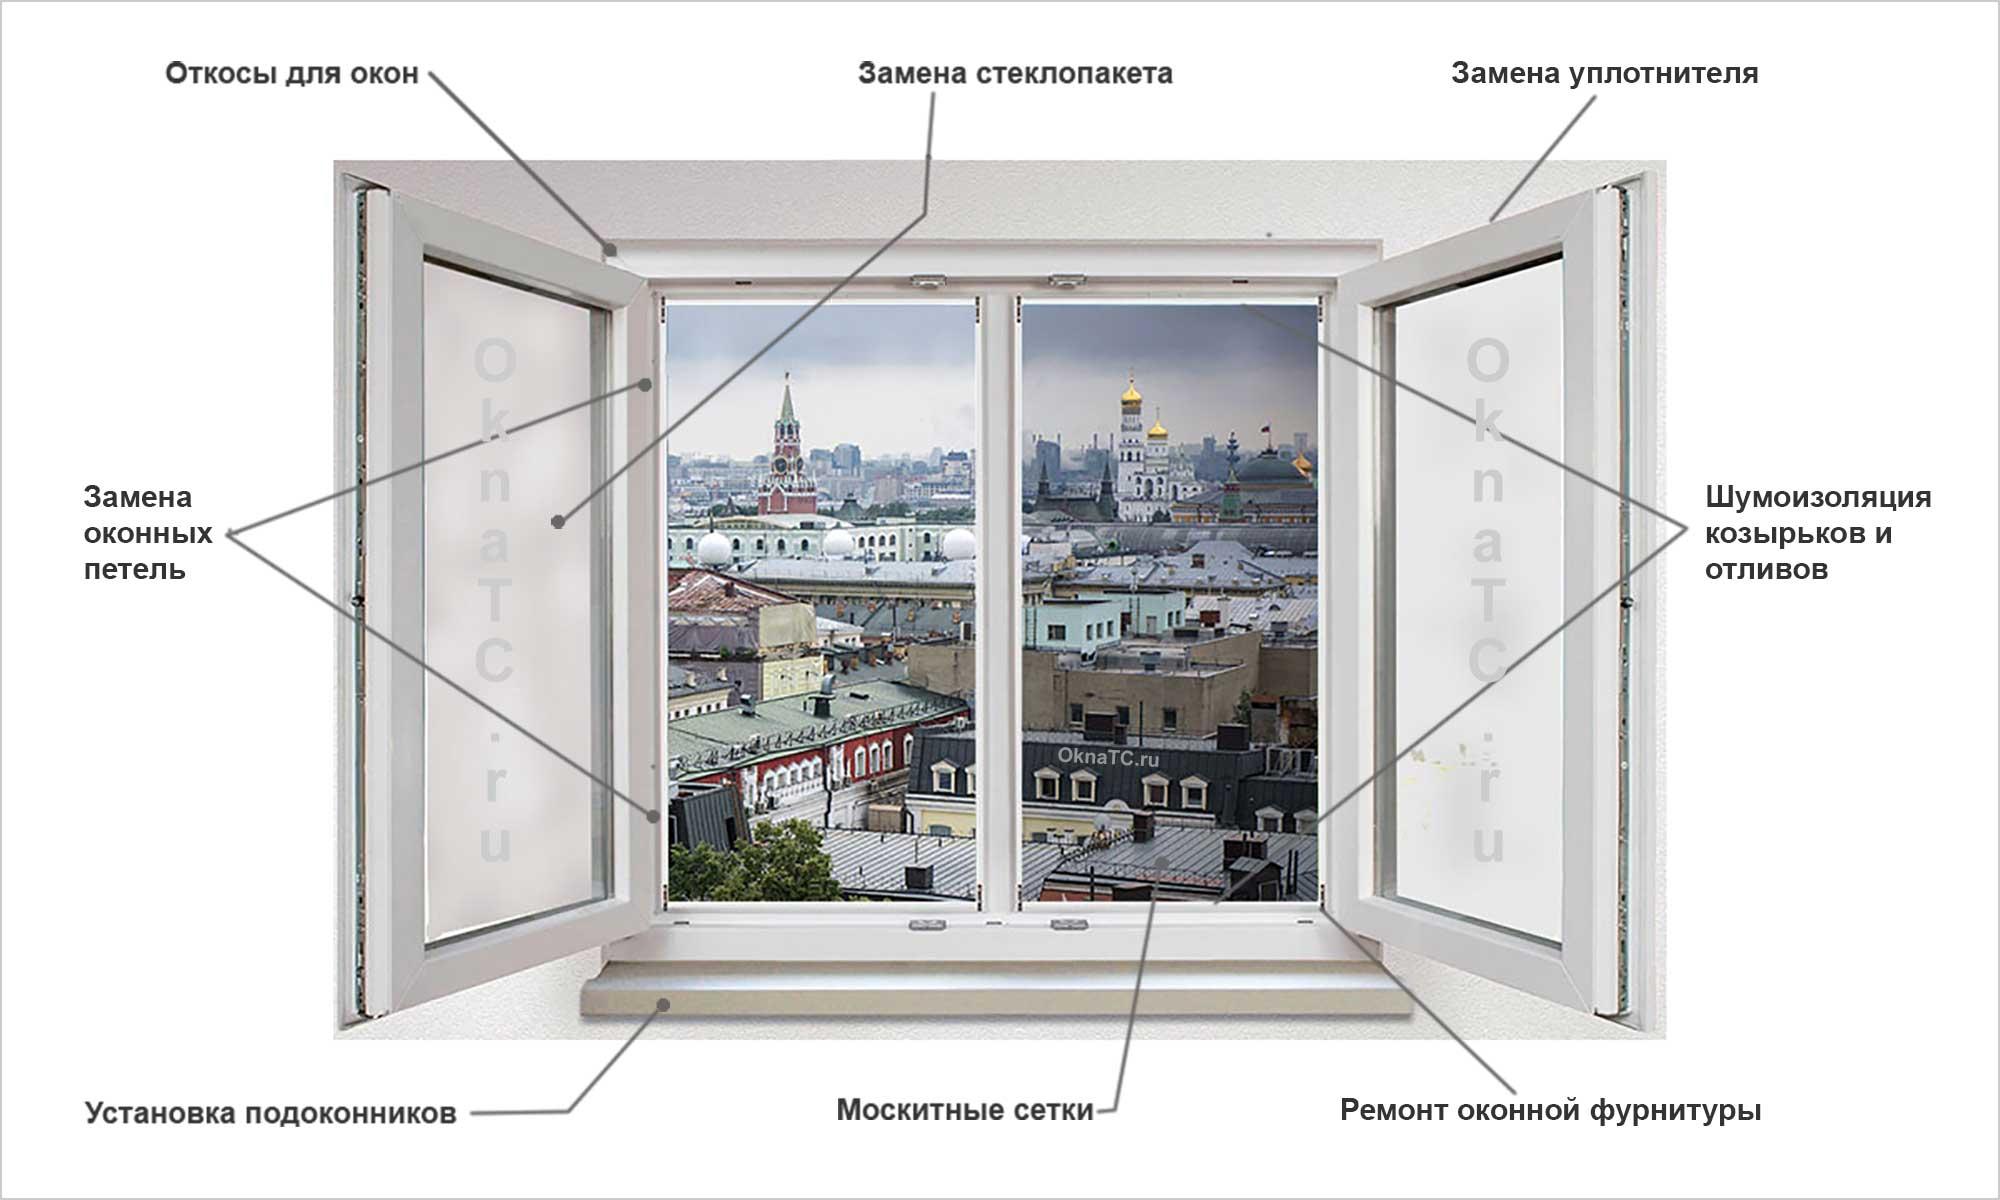 Виды ремонта и регулировки пластиковых окон - OknaTC.ru